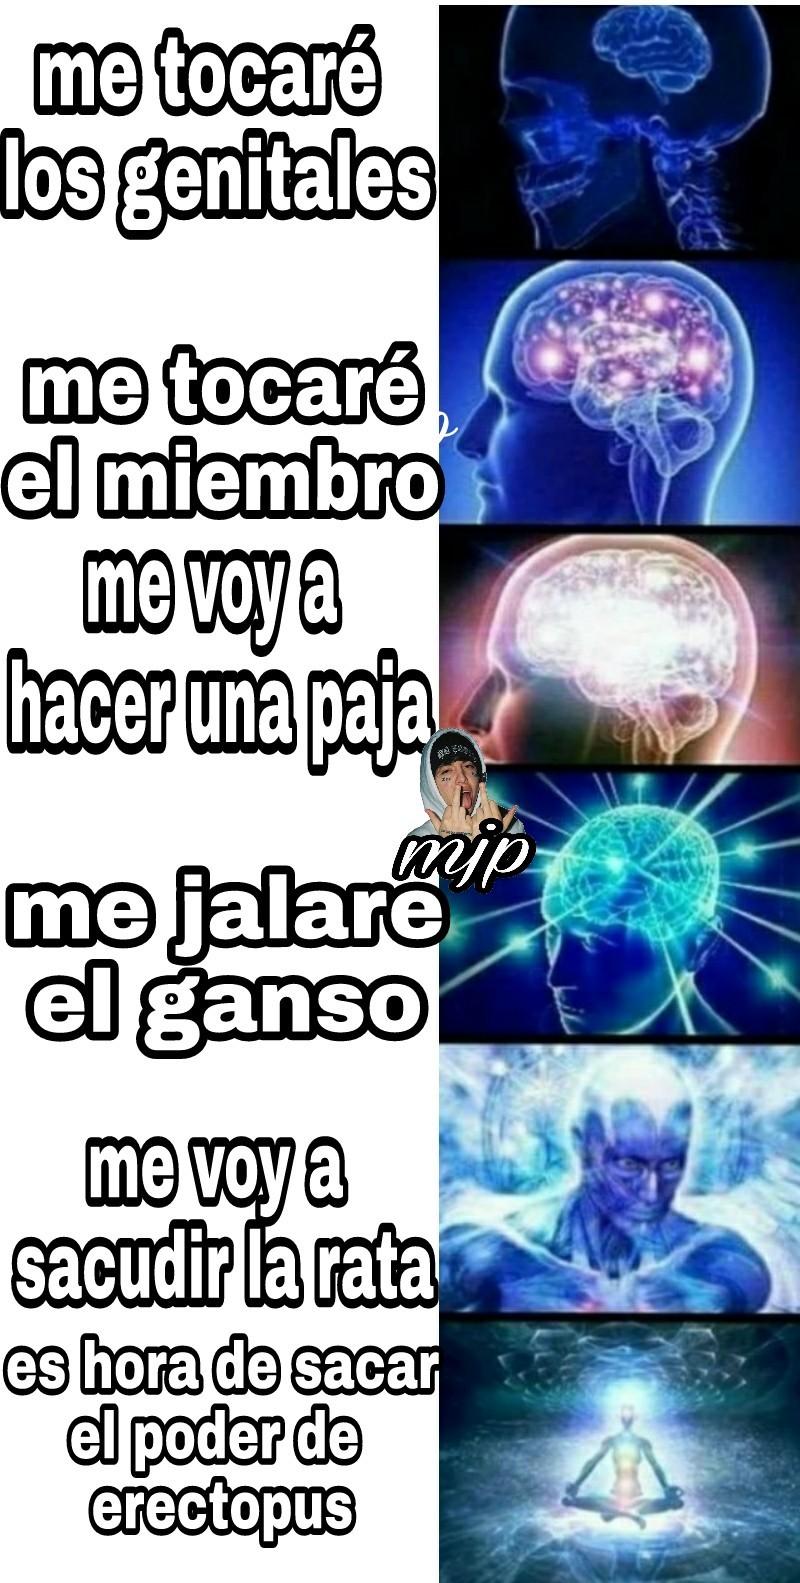 Todo poderoso erectopus - meme